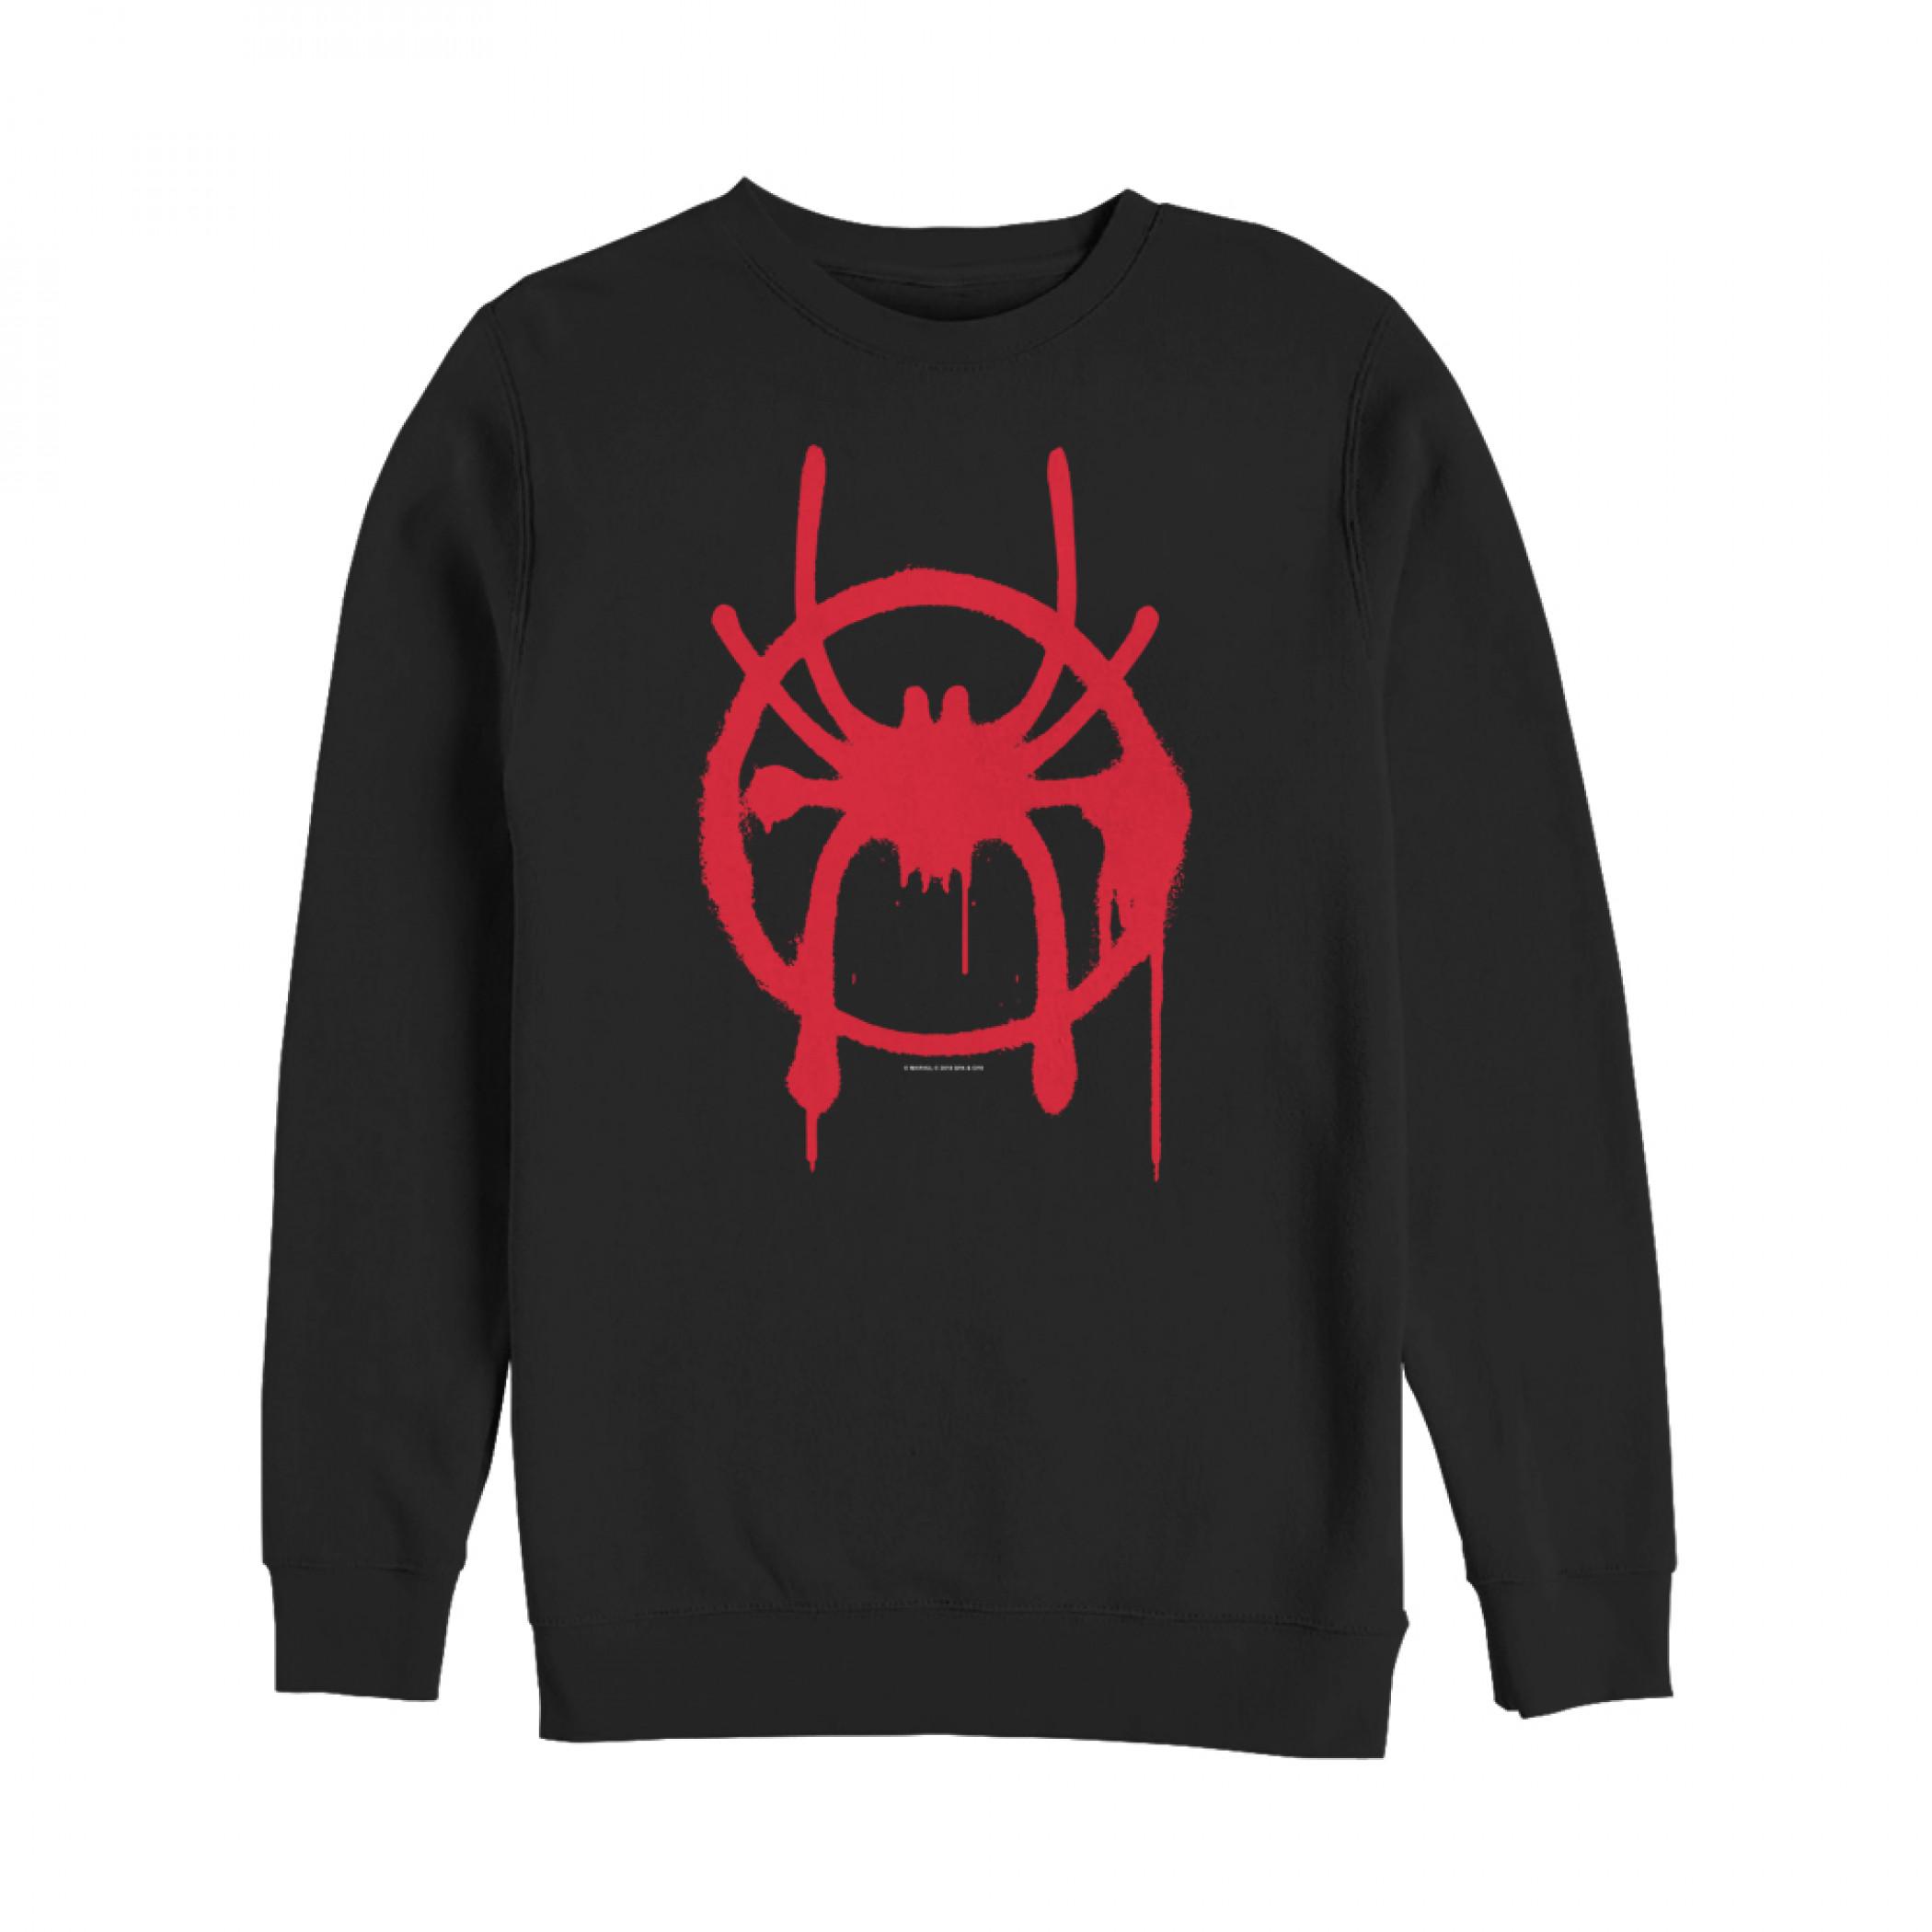 Spider-Man Miles Morales Logo Black Crewneck Sweatshirt